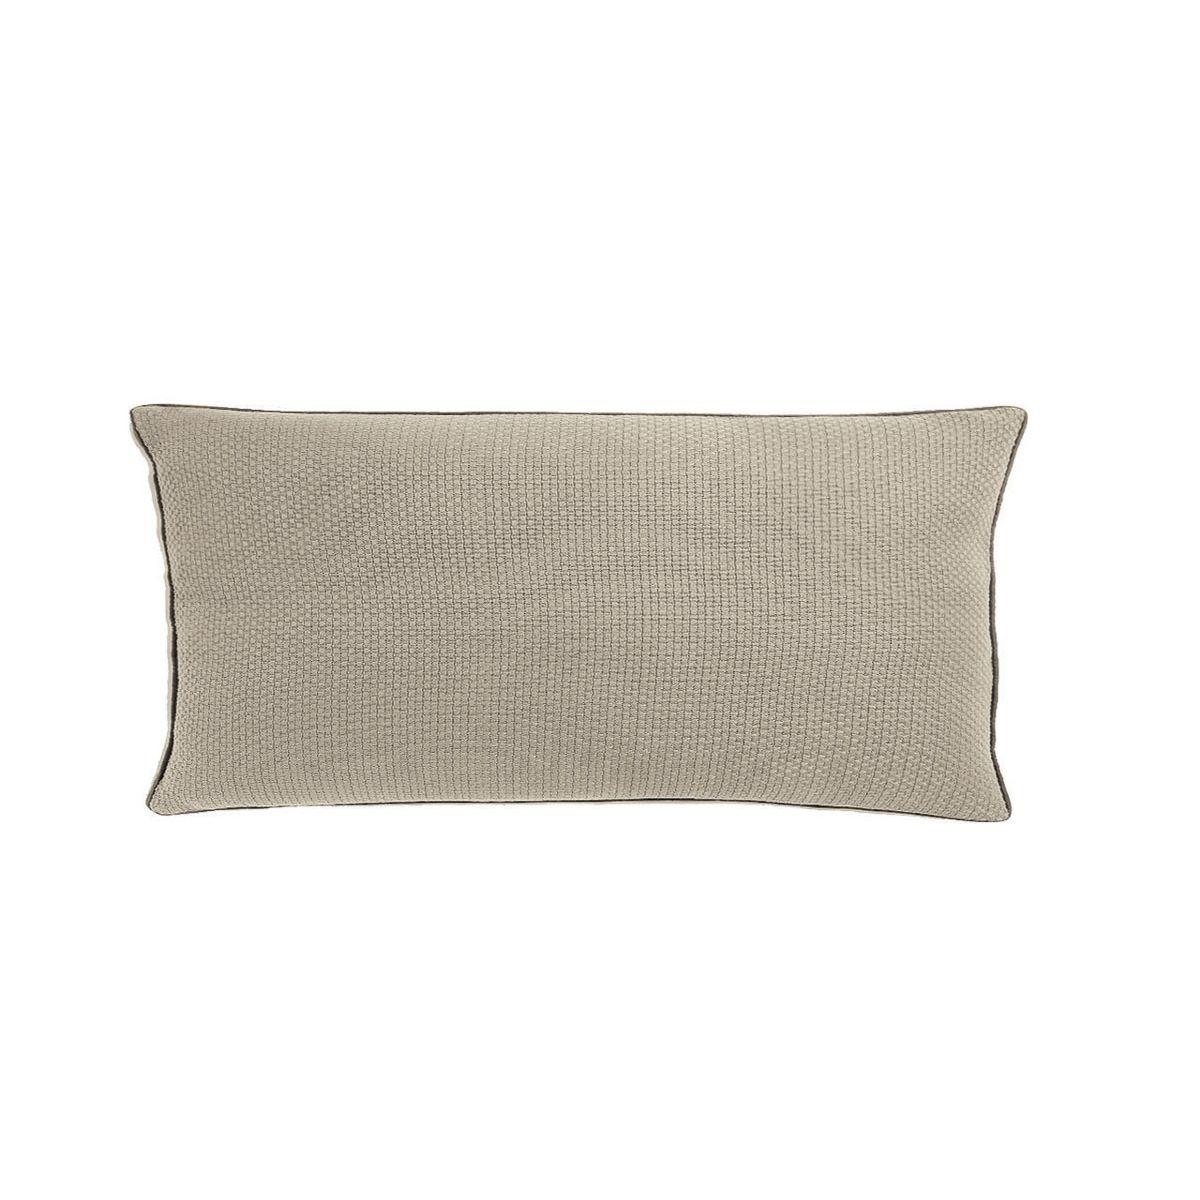 coussin style caractere loft et industriel en coton cendr 60 x 30 cm isak zago store. Black Bedroom Furniture Sets. Home Design Ideas